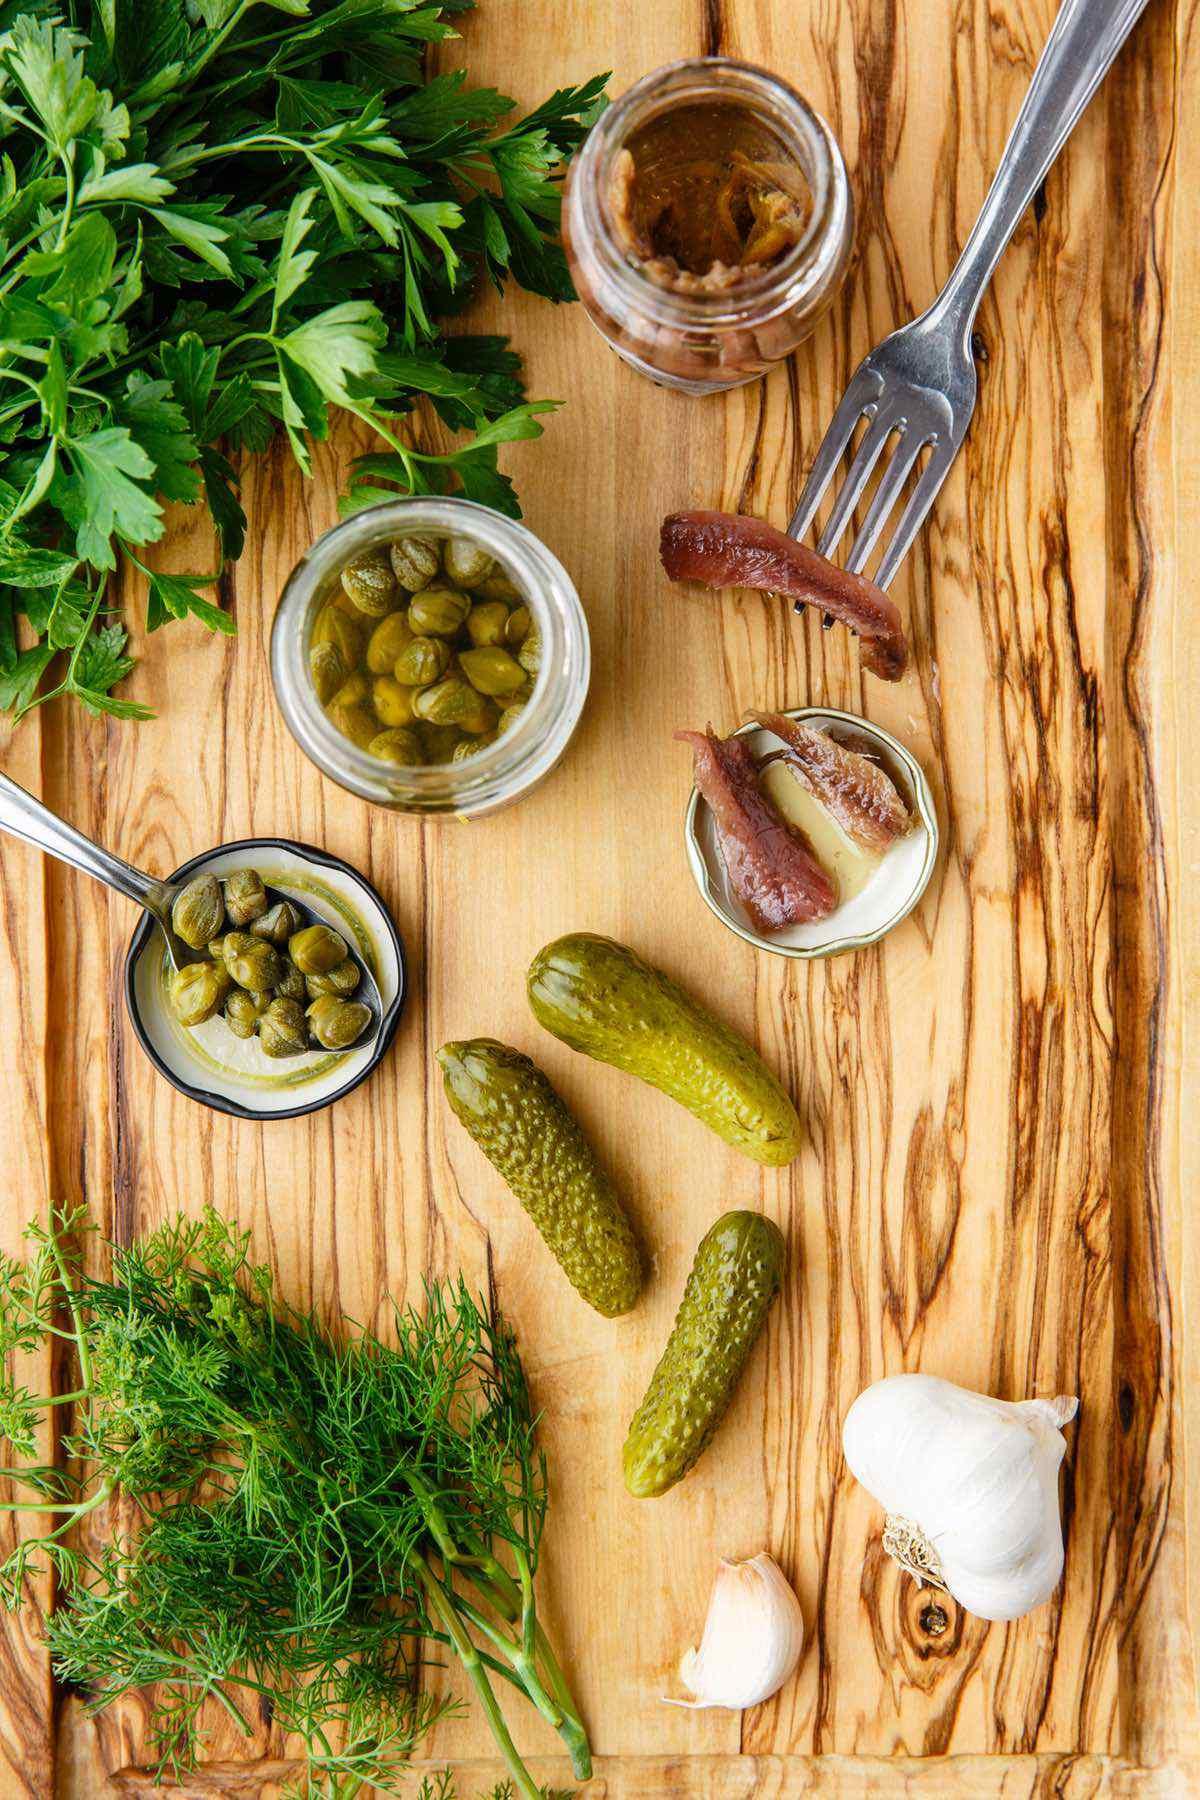 prepping salsa verde ingredients